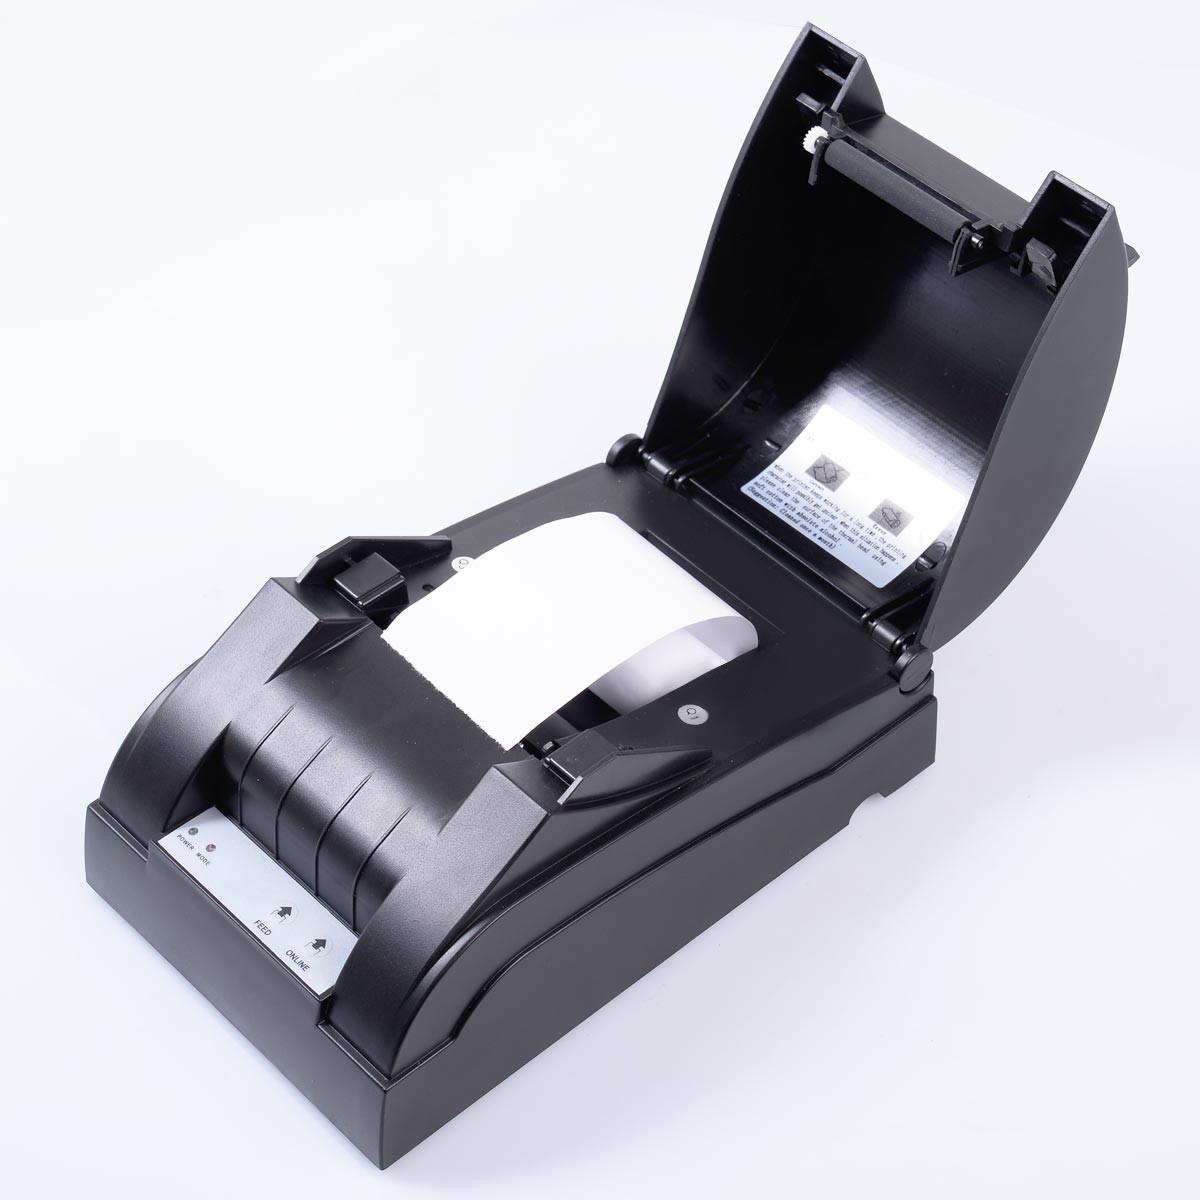 Mini Impresora Temica De Tickets Usb 58 Mm 849 00 En